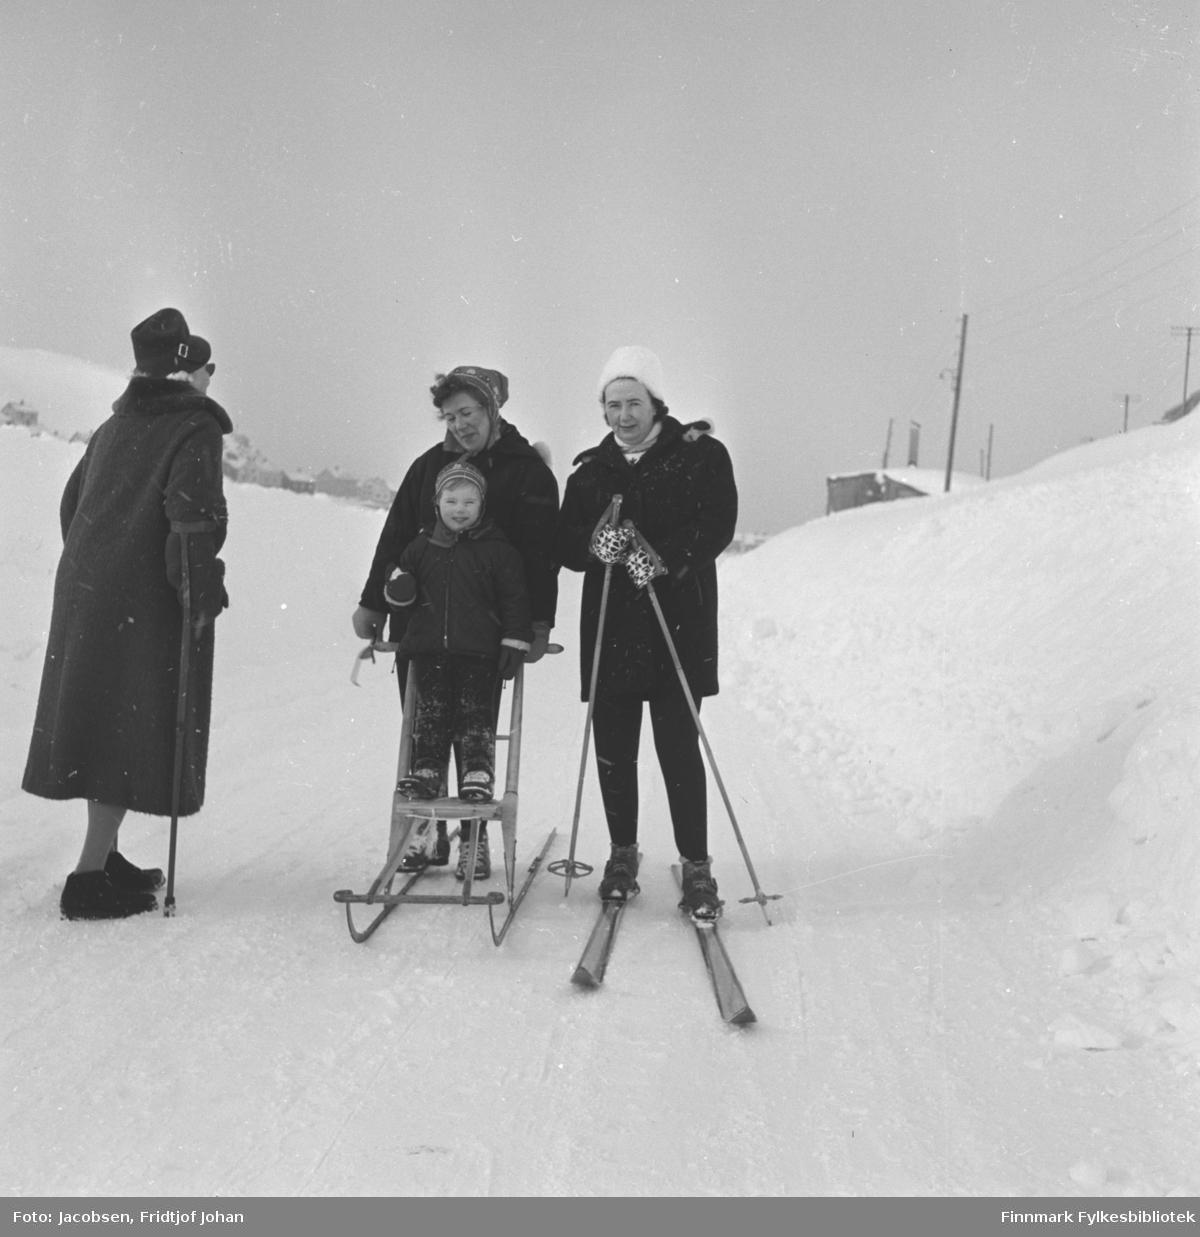 Fire personer på tur en vinterdag med mye snø i terrenget. Til venstre på bildet står Olga Jacobsen. Hun har en mørk kåpe, mørk hatt, mørke sko og har en krykke i sin høyre arm. I midten står Karen Trondsen med spark. Hun har en mørk jakke og lue på seg. På sparken står en gutt i mørke klær og topplue på hodet. Dette kan være sønnen hennes, Kjell Edvard. Til høyre står Judith Hartviksen med ski på beina og skistaver i hendene. Hun har mørk bukse og mørk anorakk, hvit lue og votter på hendene. Noen bygg og el-stolper ses i bakgrunnen.